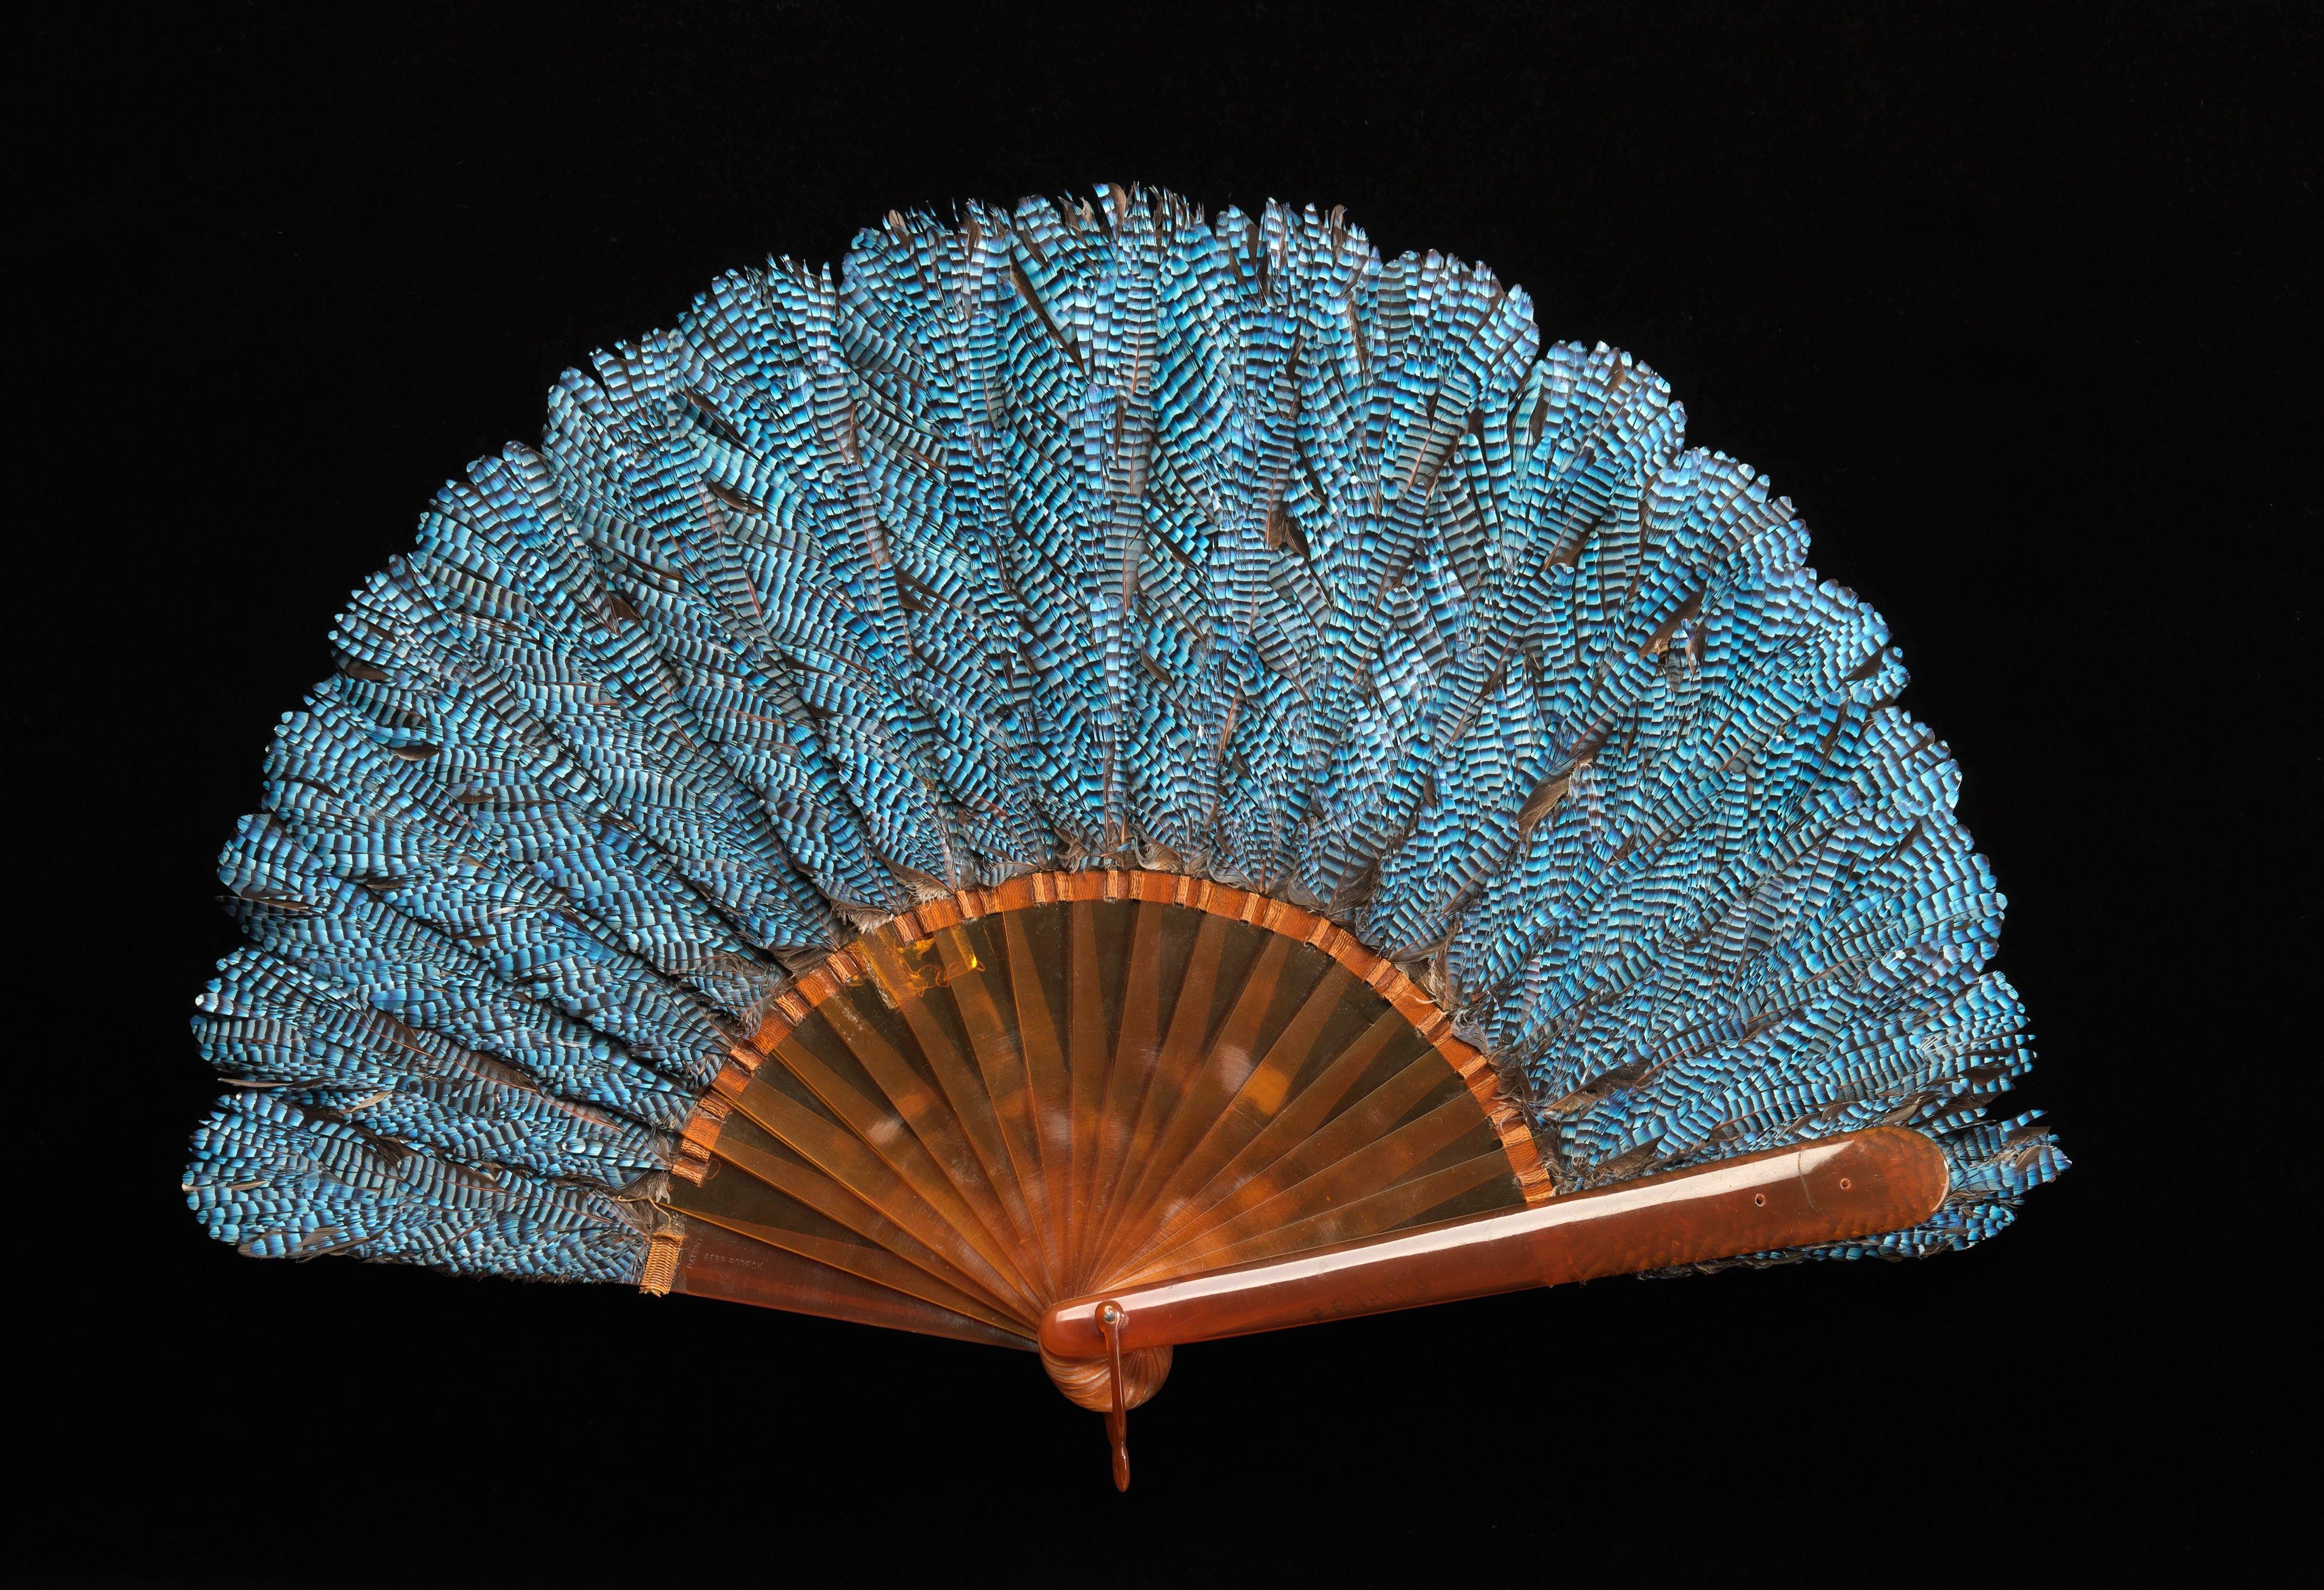 картинка веер для султана мужчины это очень